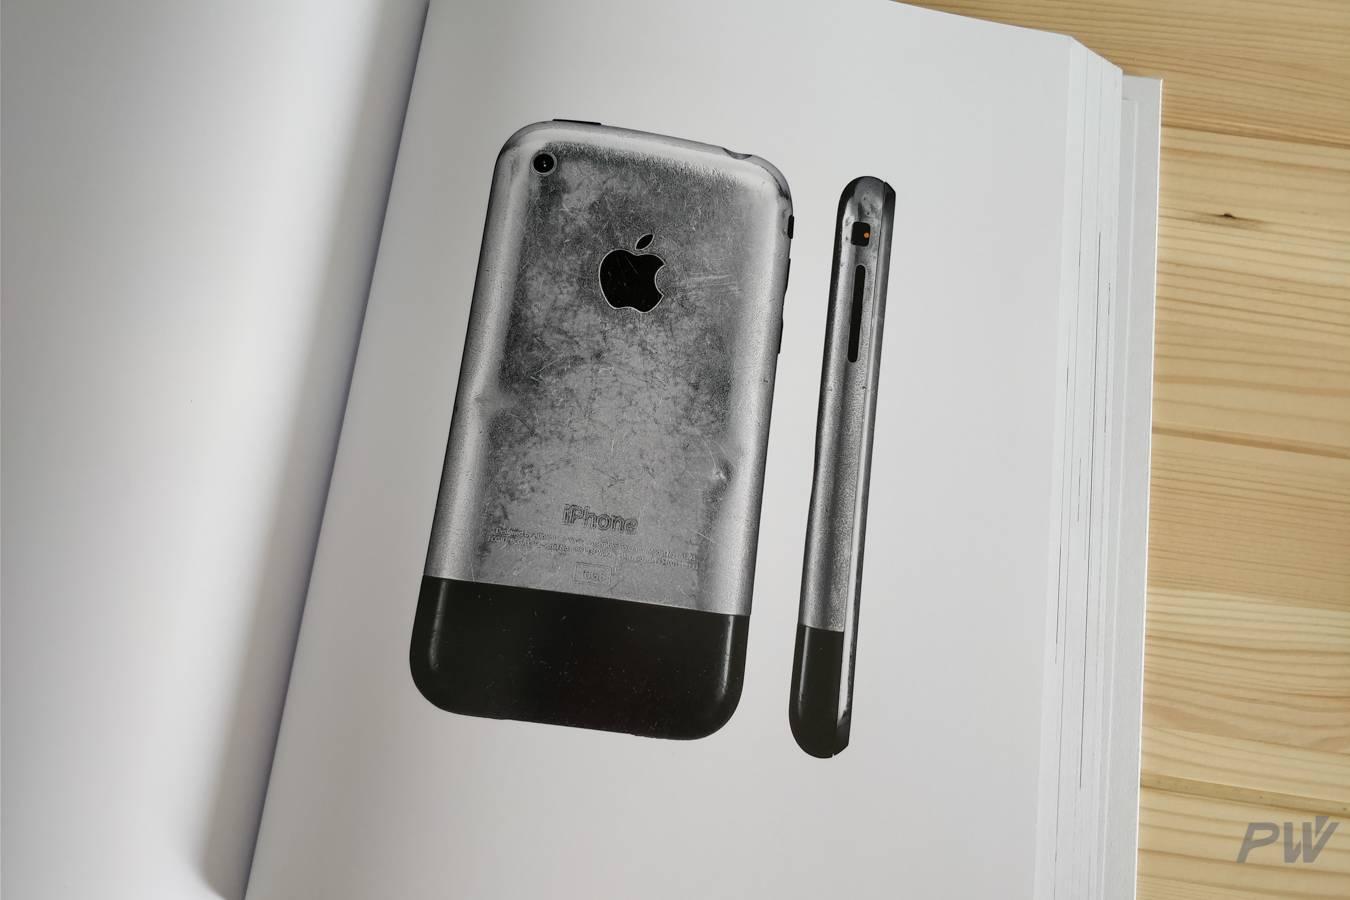 苹果为制作 Desgined by Apple in California 前前后后花费数年的时间,你们又愿意为年度旗舰产品的宣传图付出多少?